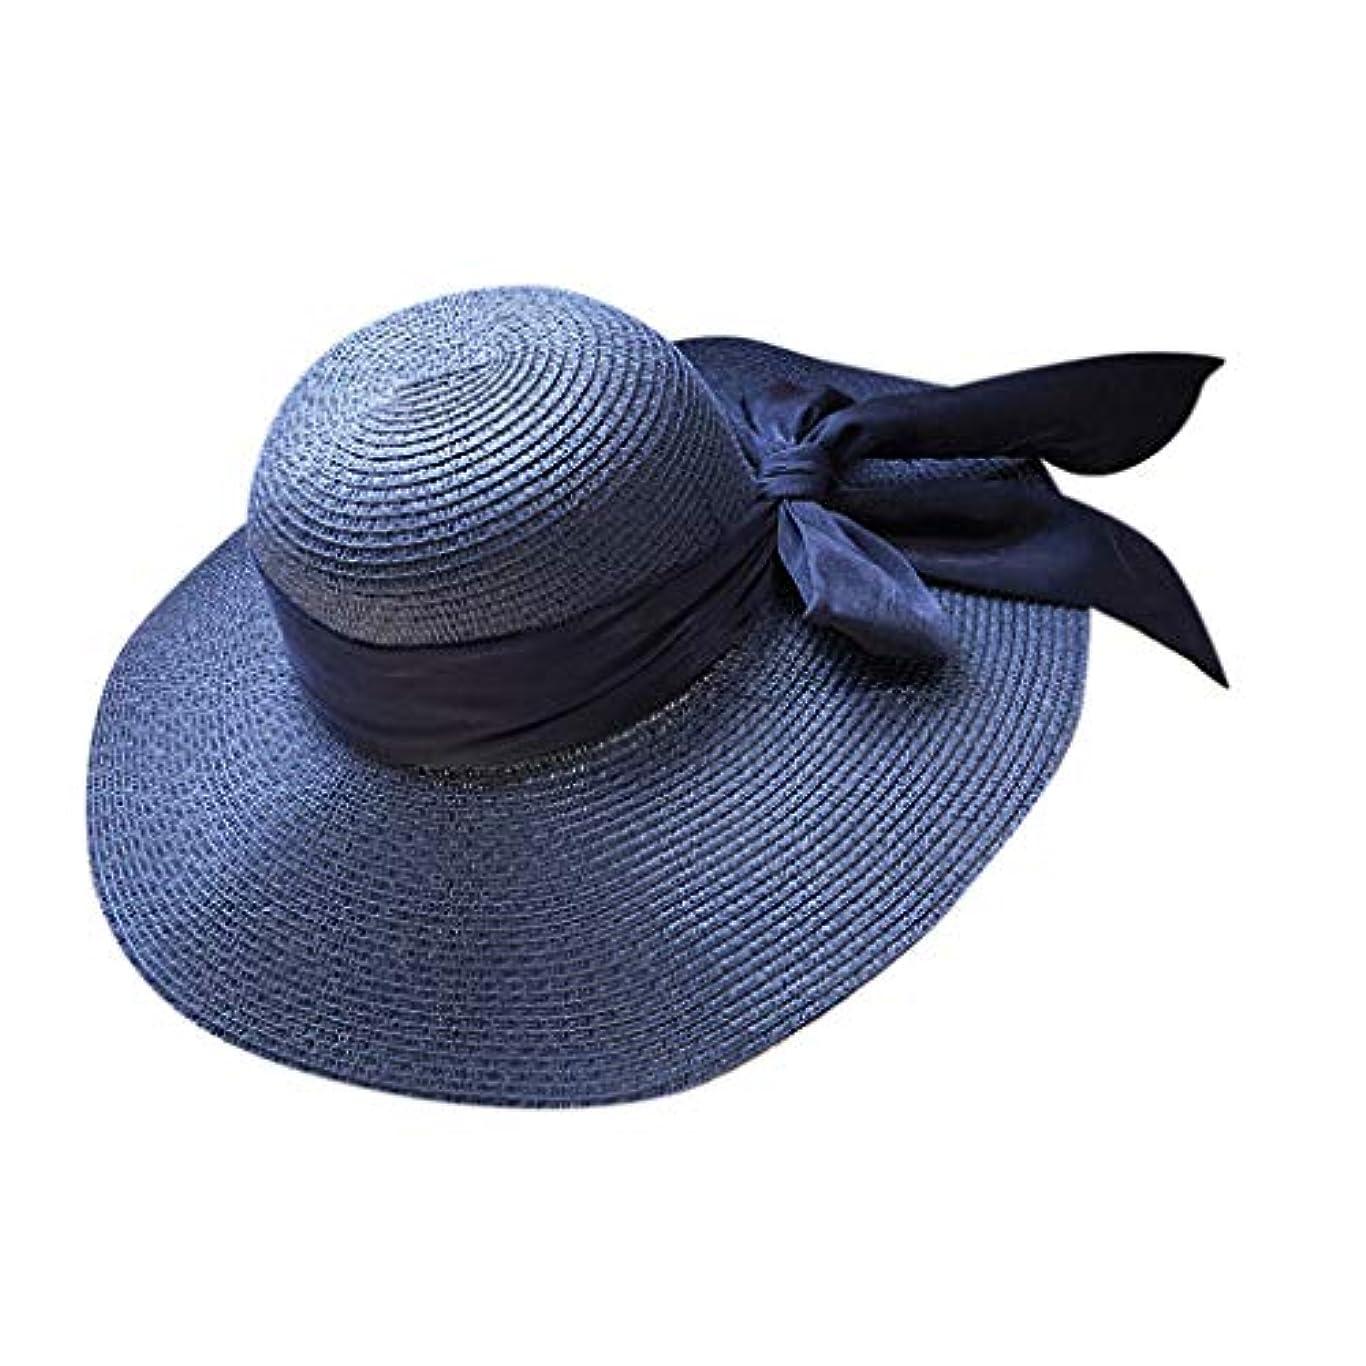 均等に手足暴力帽子 レディース UVカット 麦わら帽子 可愛い 小顔効果抜群 日よけ 折りたたみ つば広 帽子 サイズ調整 テープ ハット レディース 帽子 日よけ帽子 防晒帽 ビーチ 旅行用 日よけ 日射し 海 夏季 ROSE ROMAN